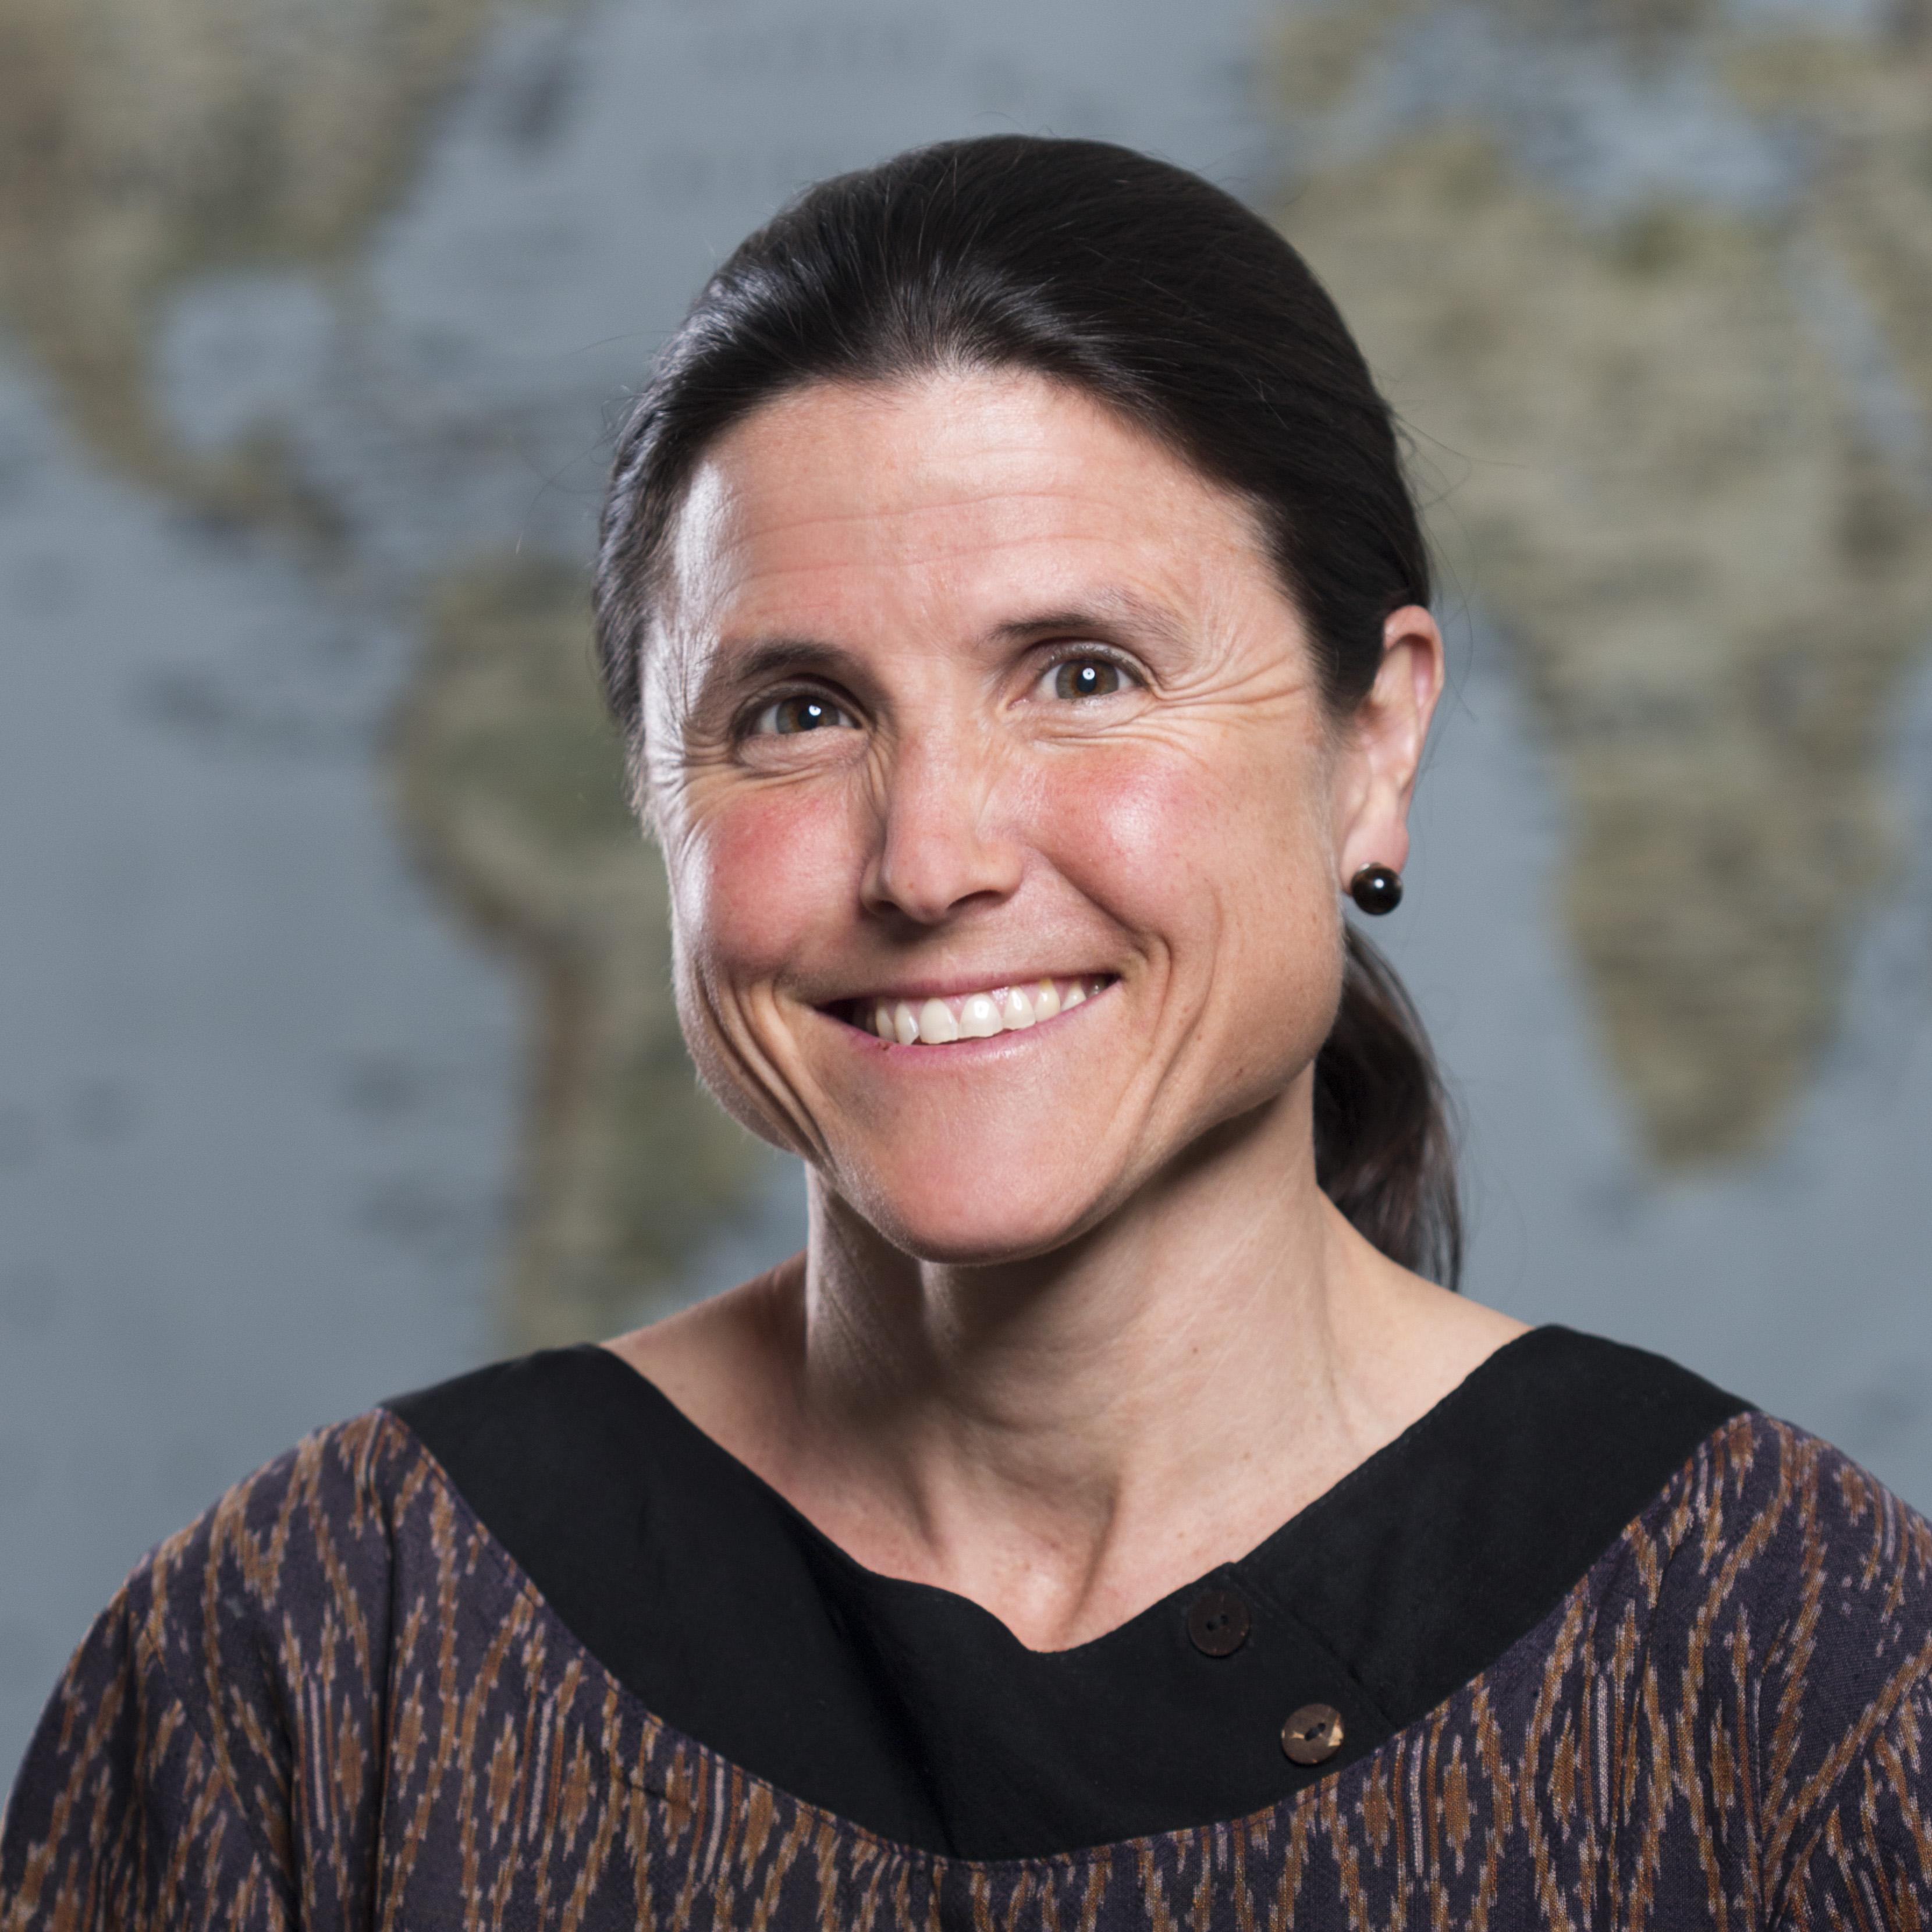 Dr. Carey Farquhar